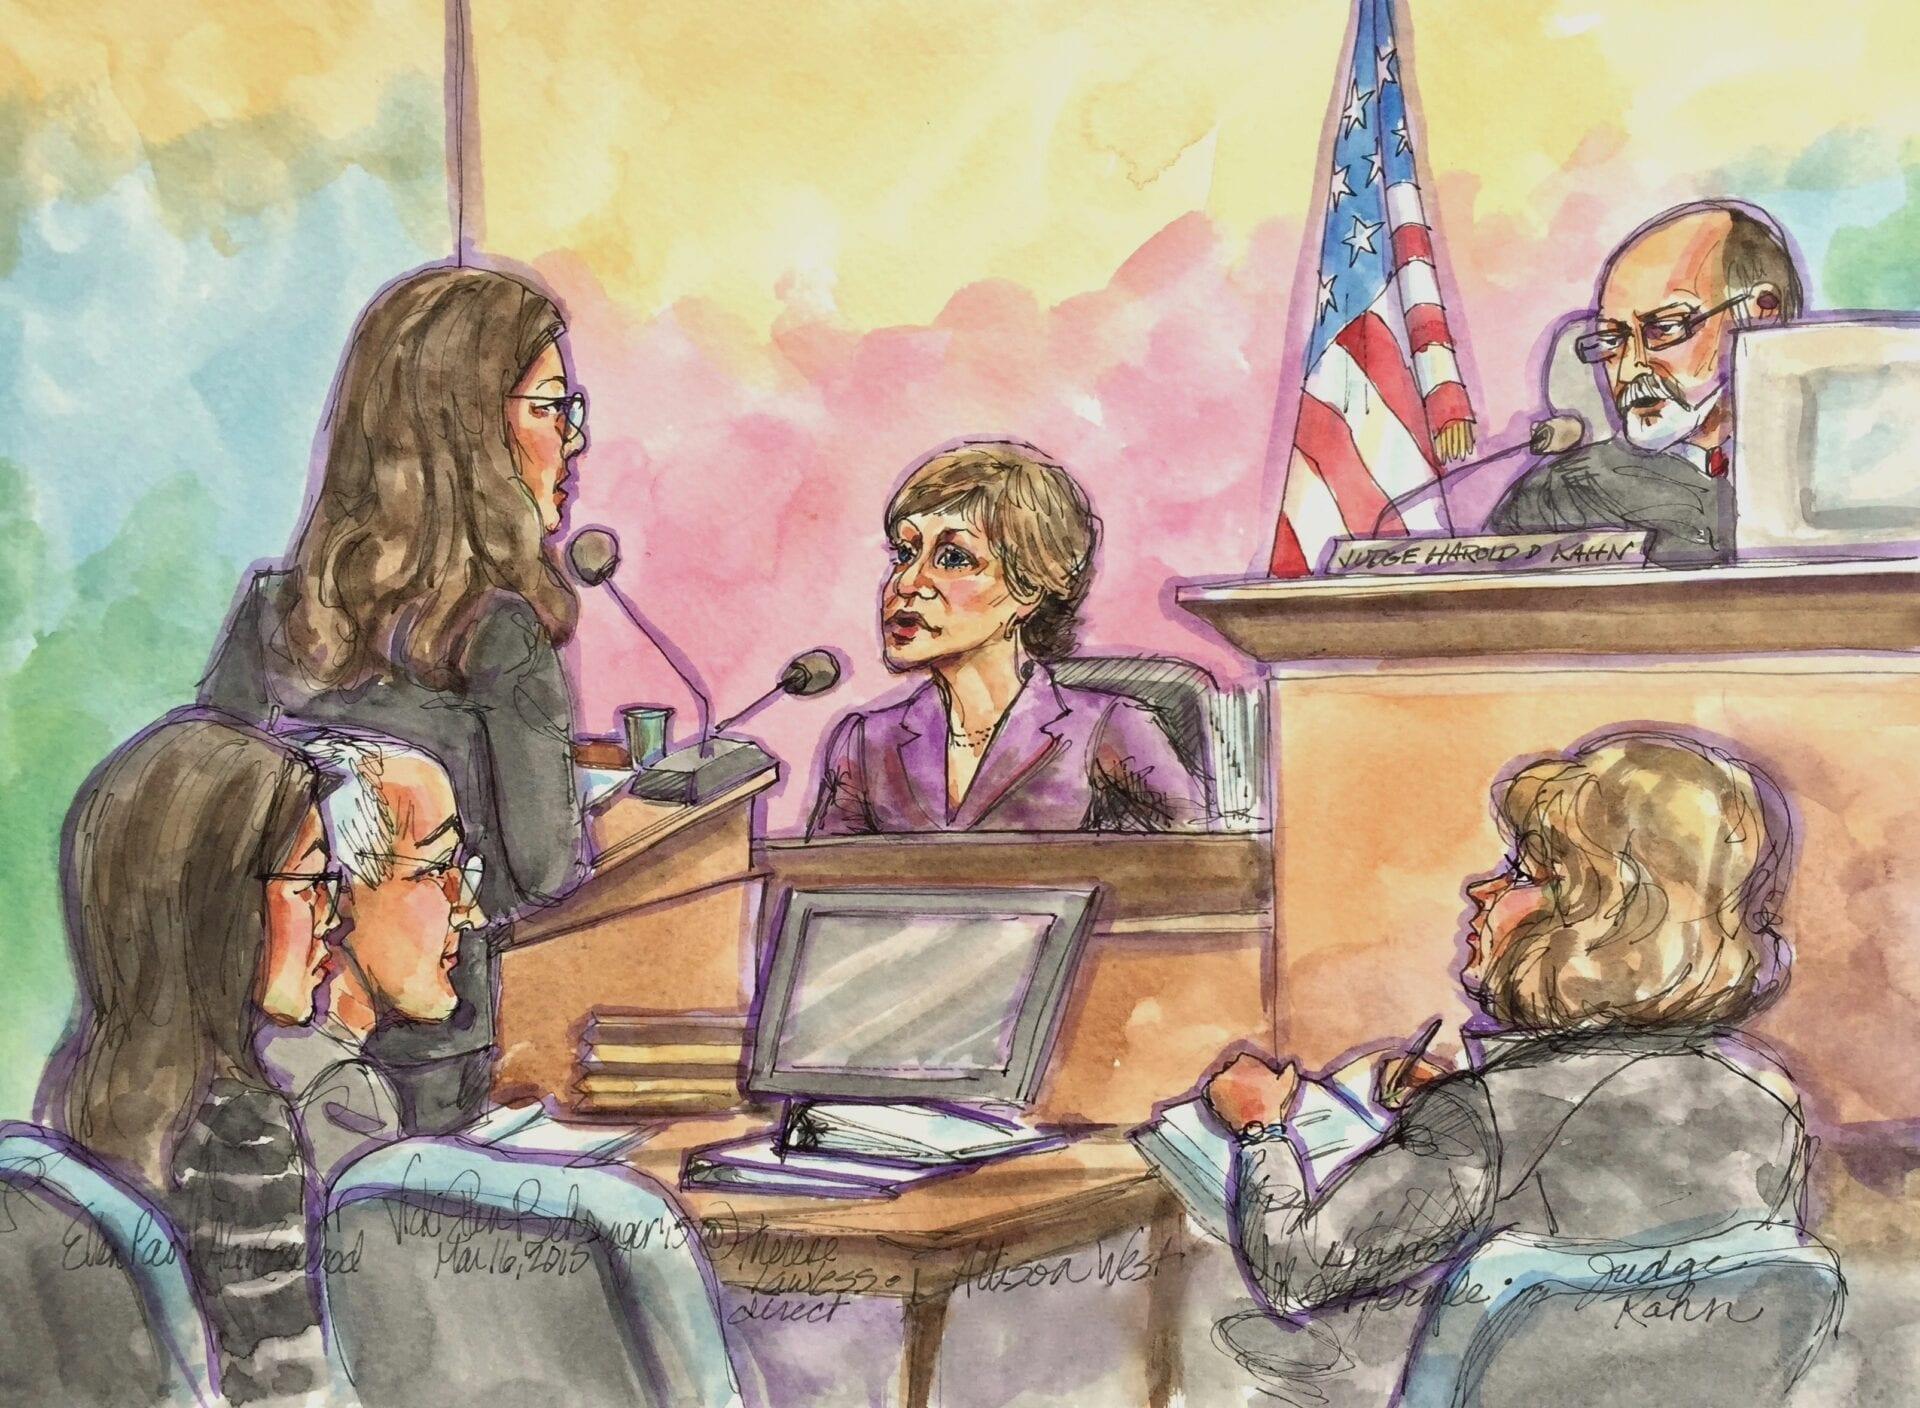 Allison West testifying in Pao v. Kleiner Perkins regarding the employer's investigation.